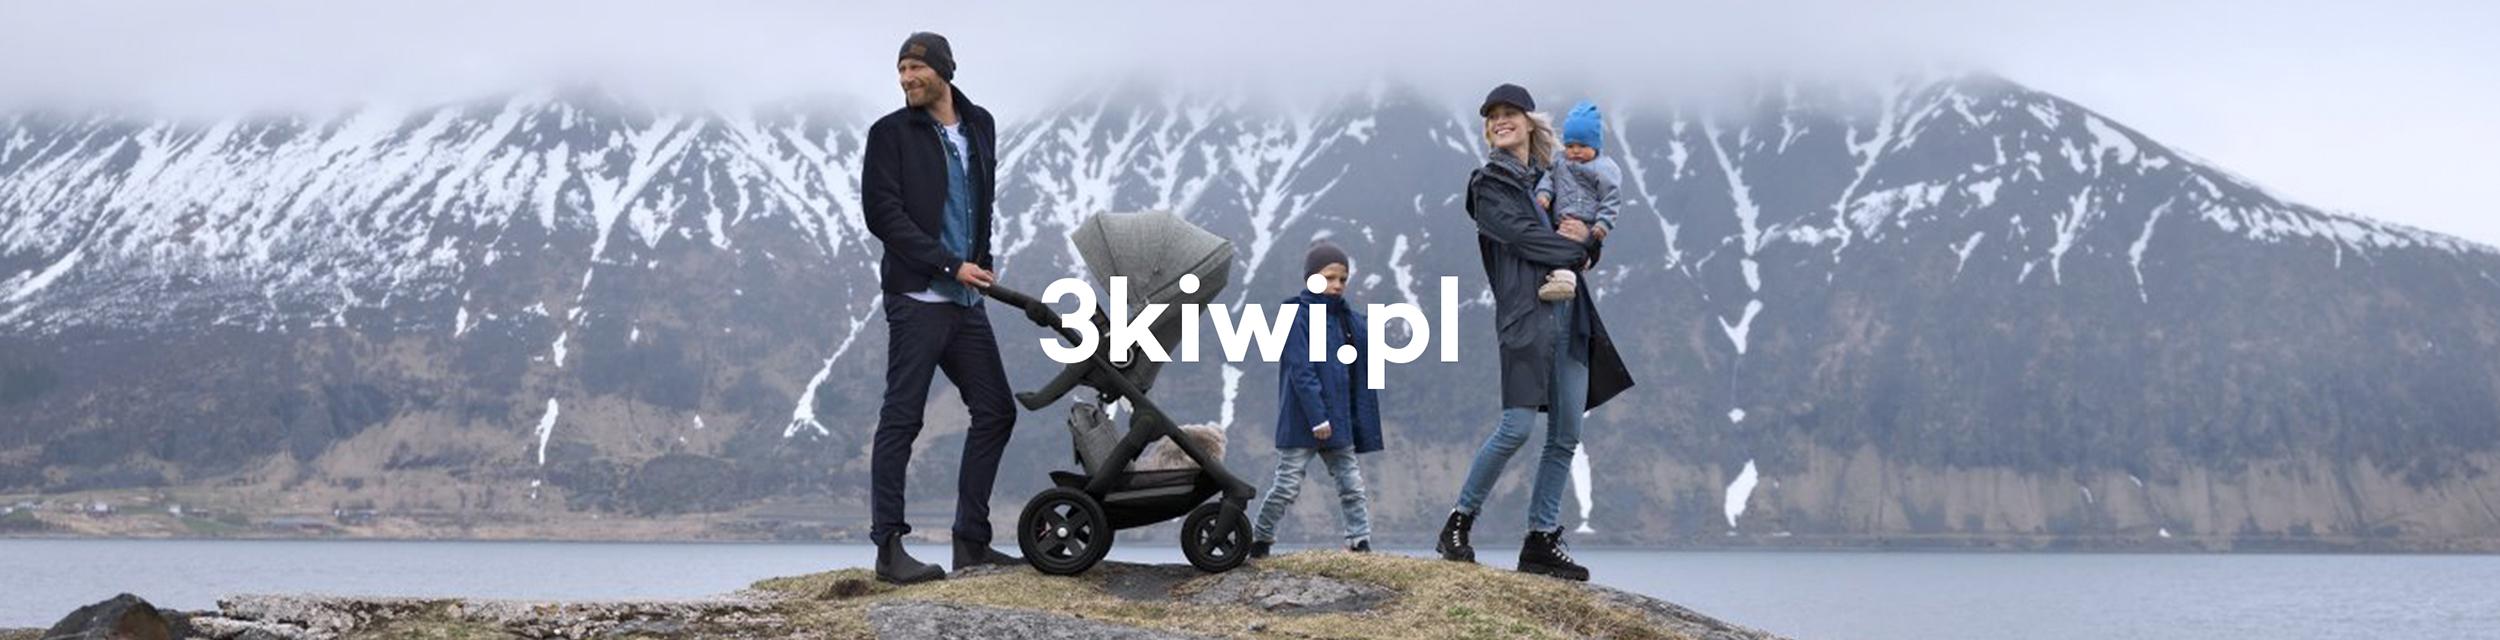 Stokke Trailz Luksusowy Norweski Wózek Terenowy Wrocław 3kiwi.pl